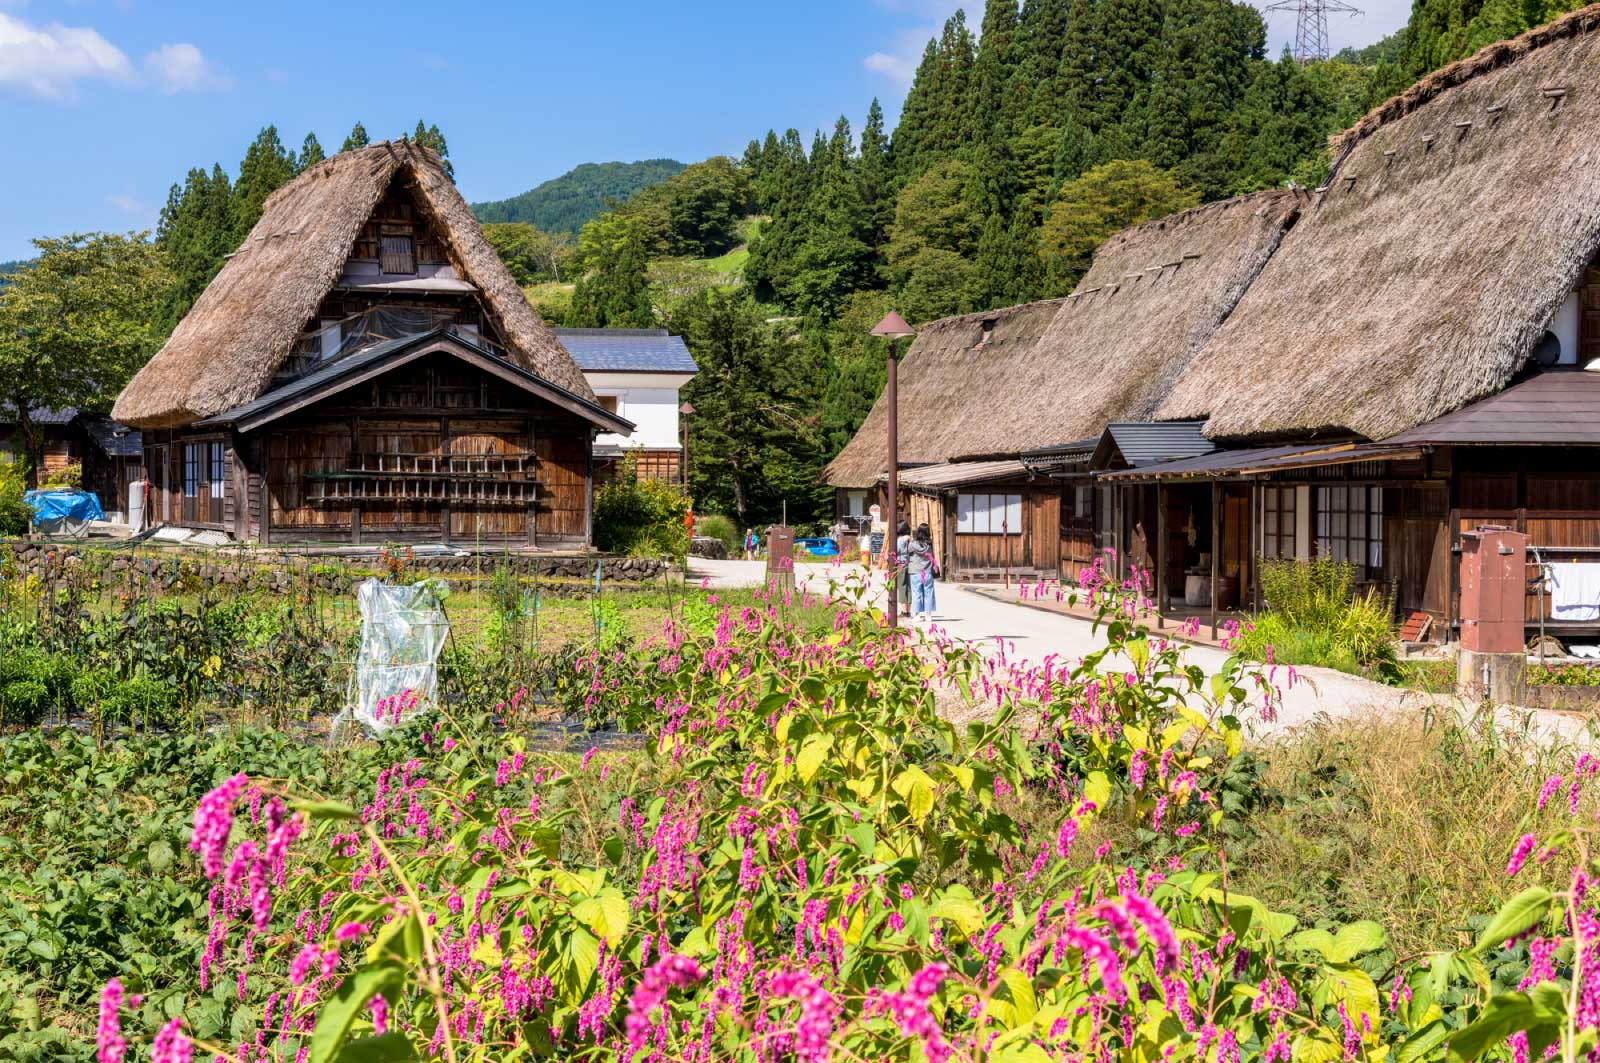 富山県にある世界遺産が「相倉合掌作り集落」というスポット